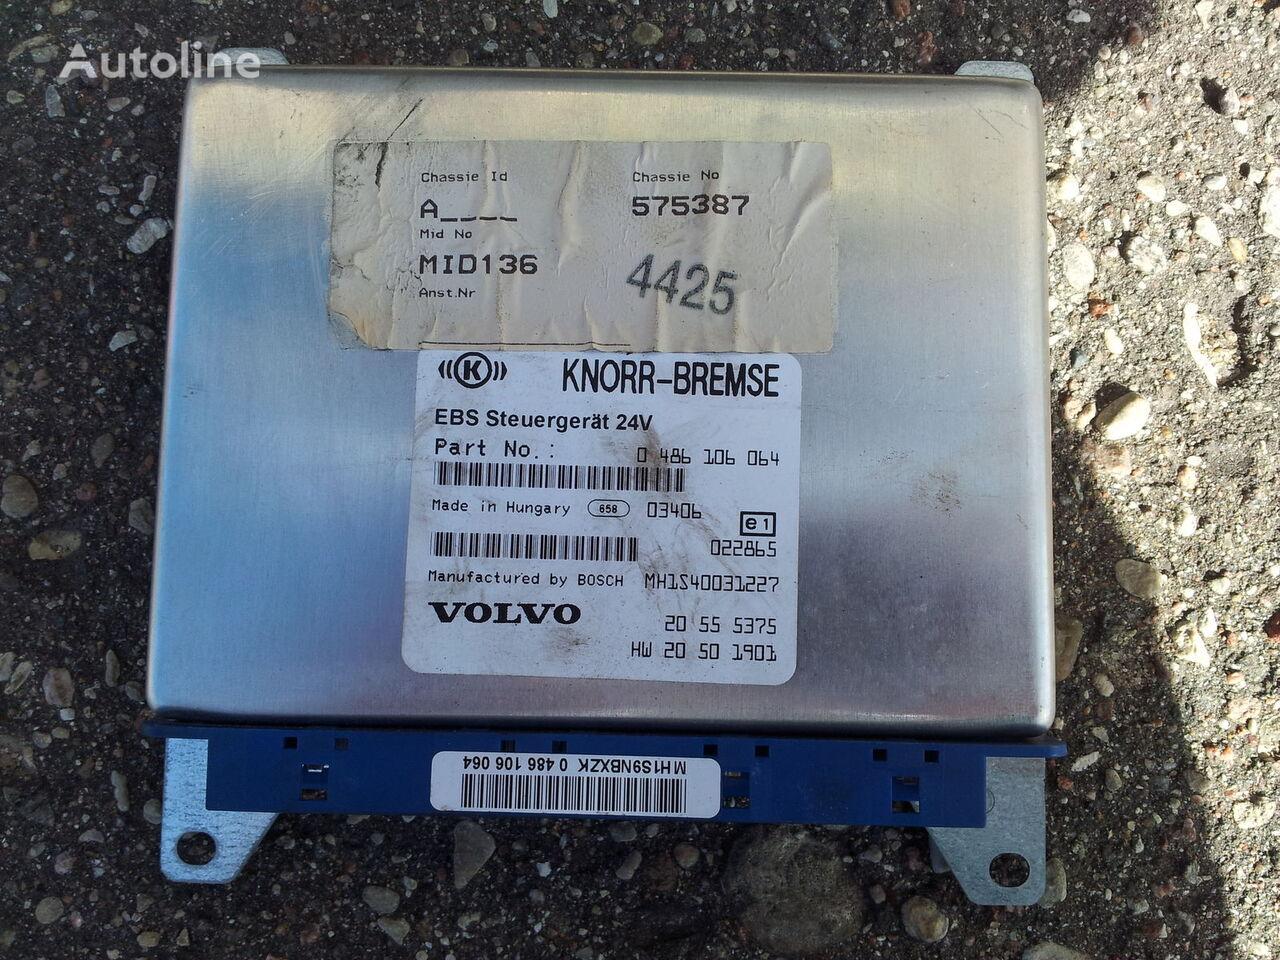 VOLVO FH12 ECU, EDC, EBS Control unit 20555375, 0486106064, 20410009, unitate de control pentru VOLVO FH12, FH13 autotractor